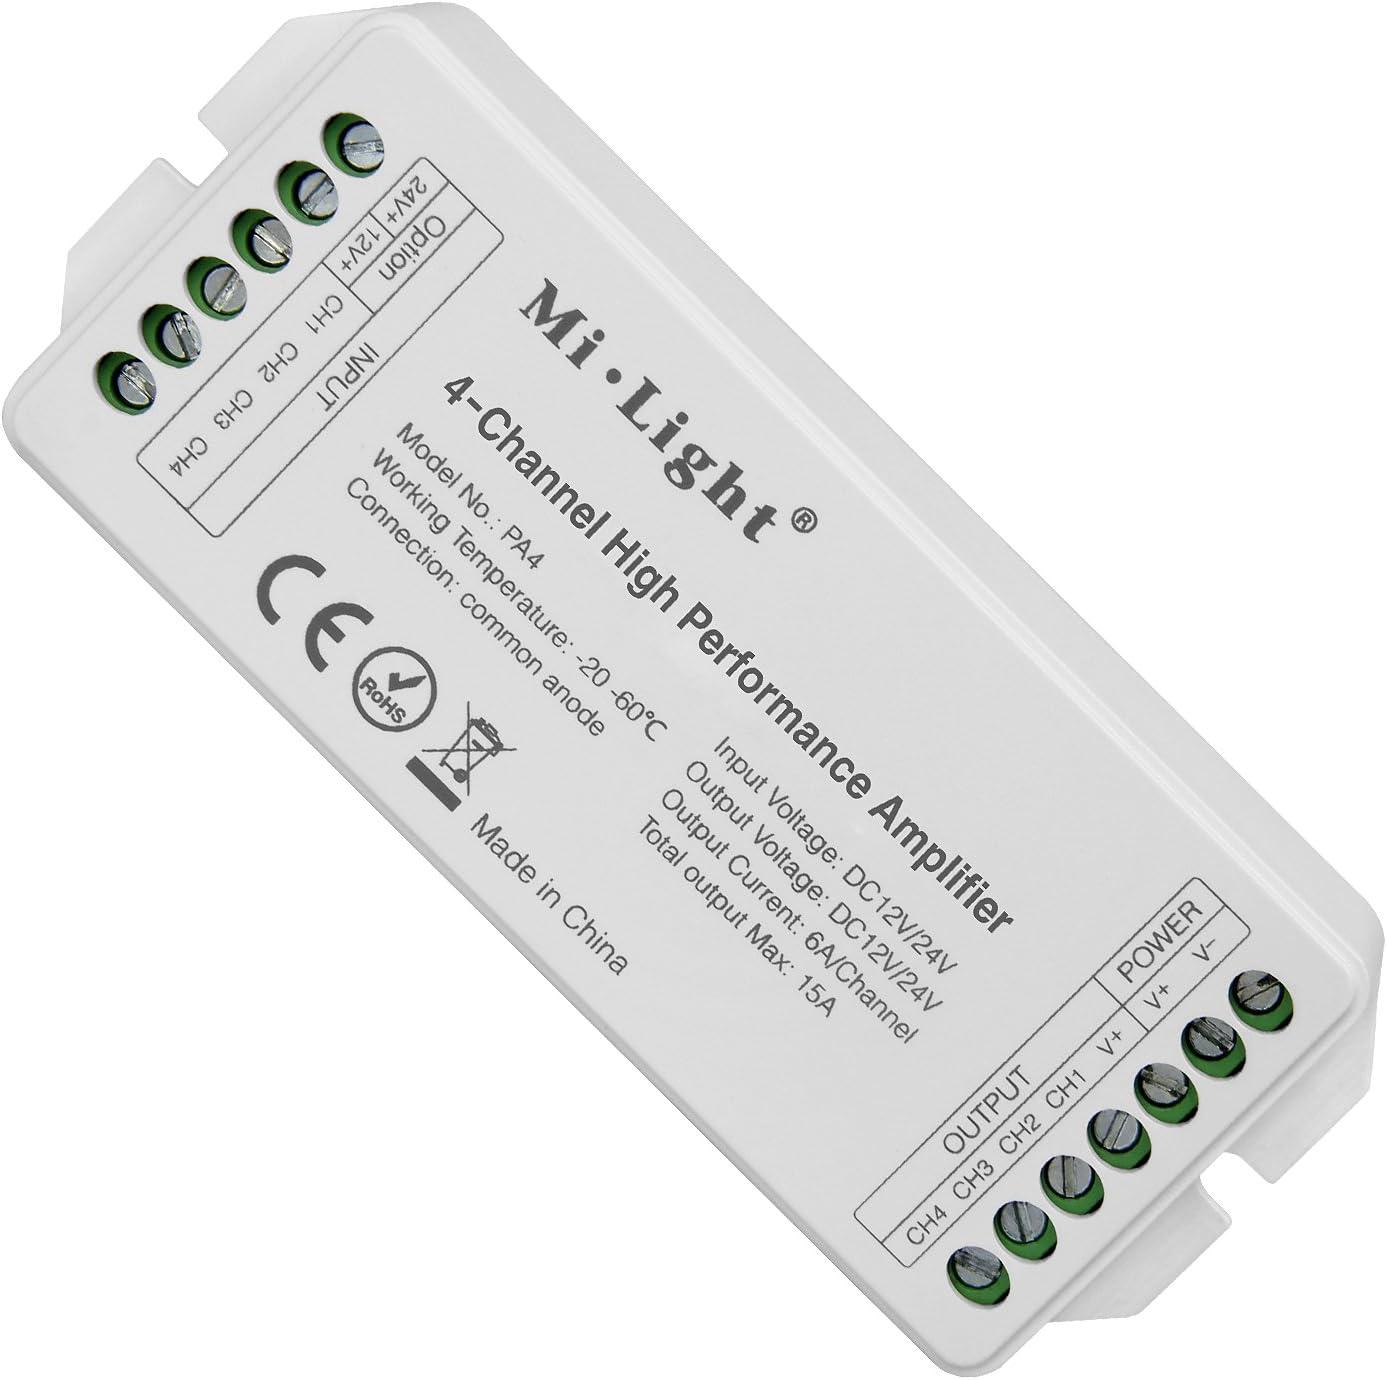 LIGHTEU®, Mi.Light PA4 Amplificador de alto rendimiento de 4 canales DC12V-24V Máximo 15A RGB RGBW Controlador de amplificador LED para RGB RGBW LED Strips